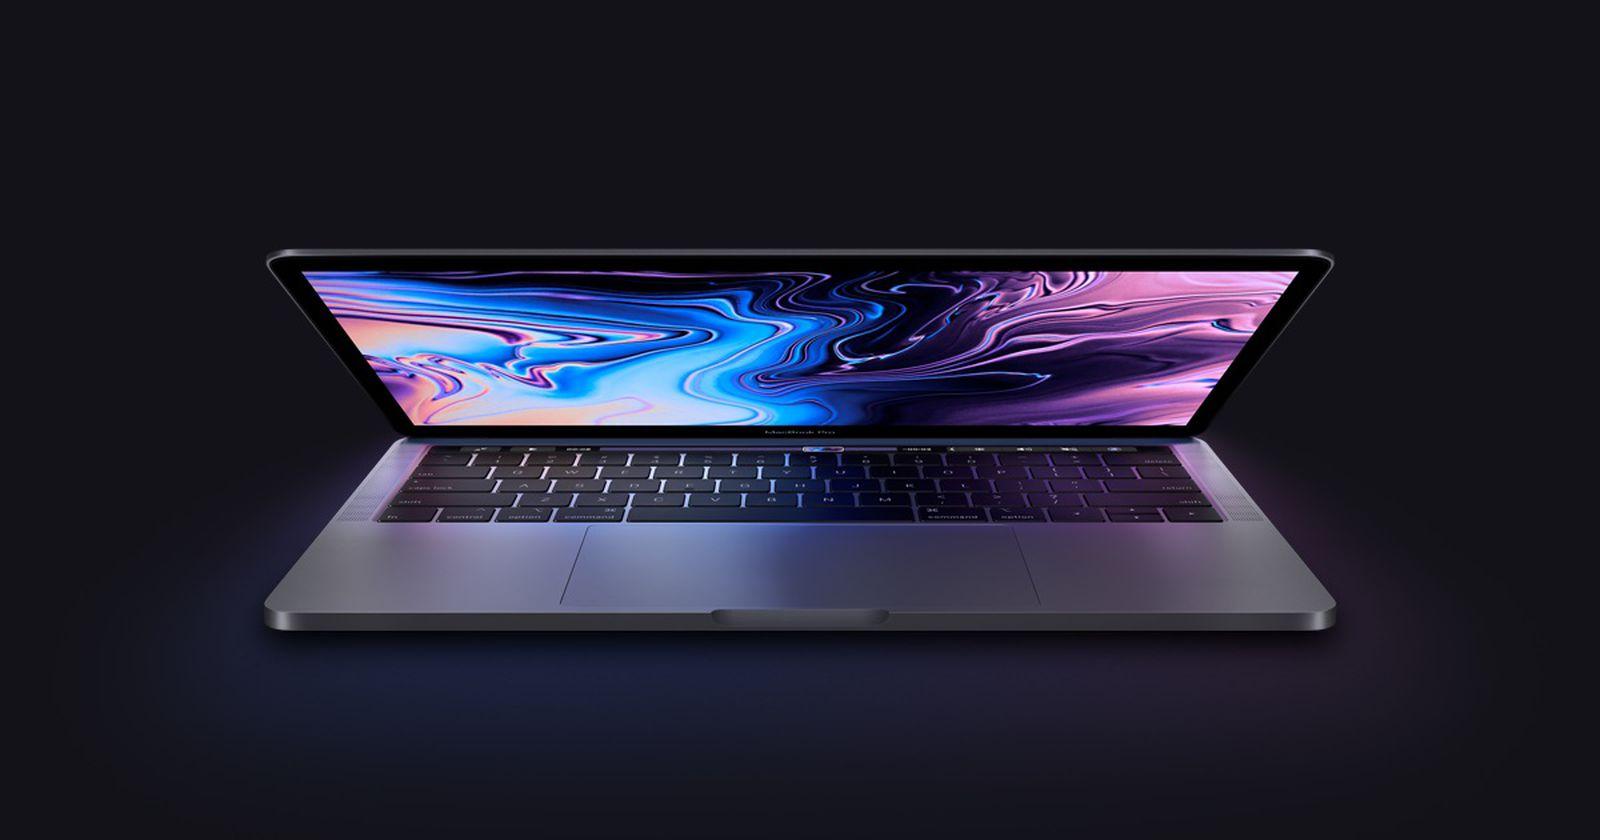 ВРоссии стартовали продажи MacBook Pro13